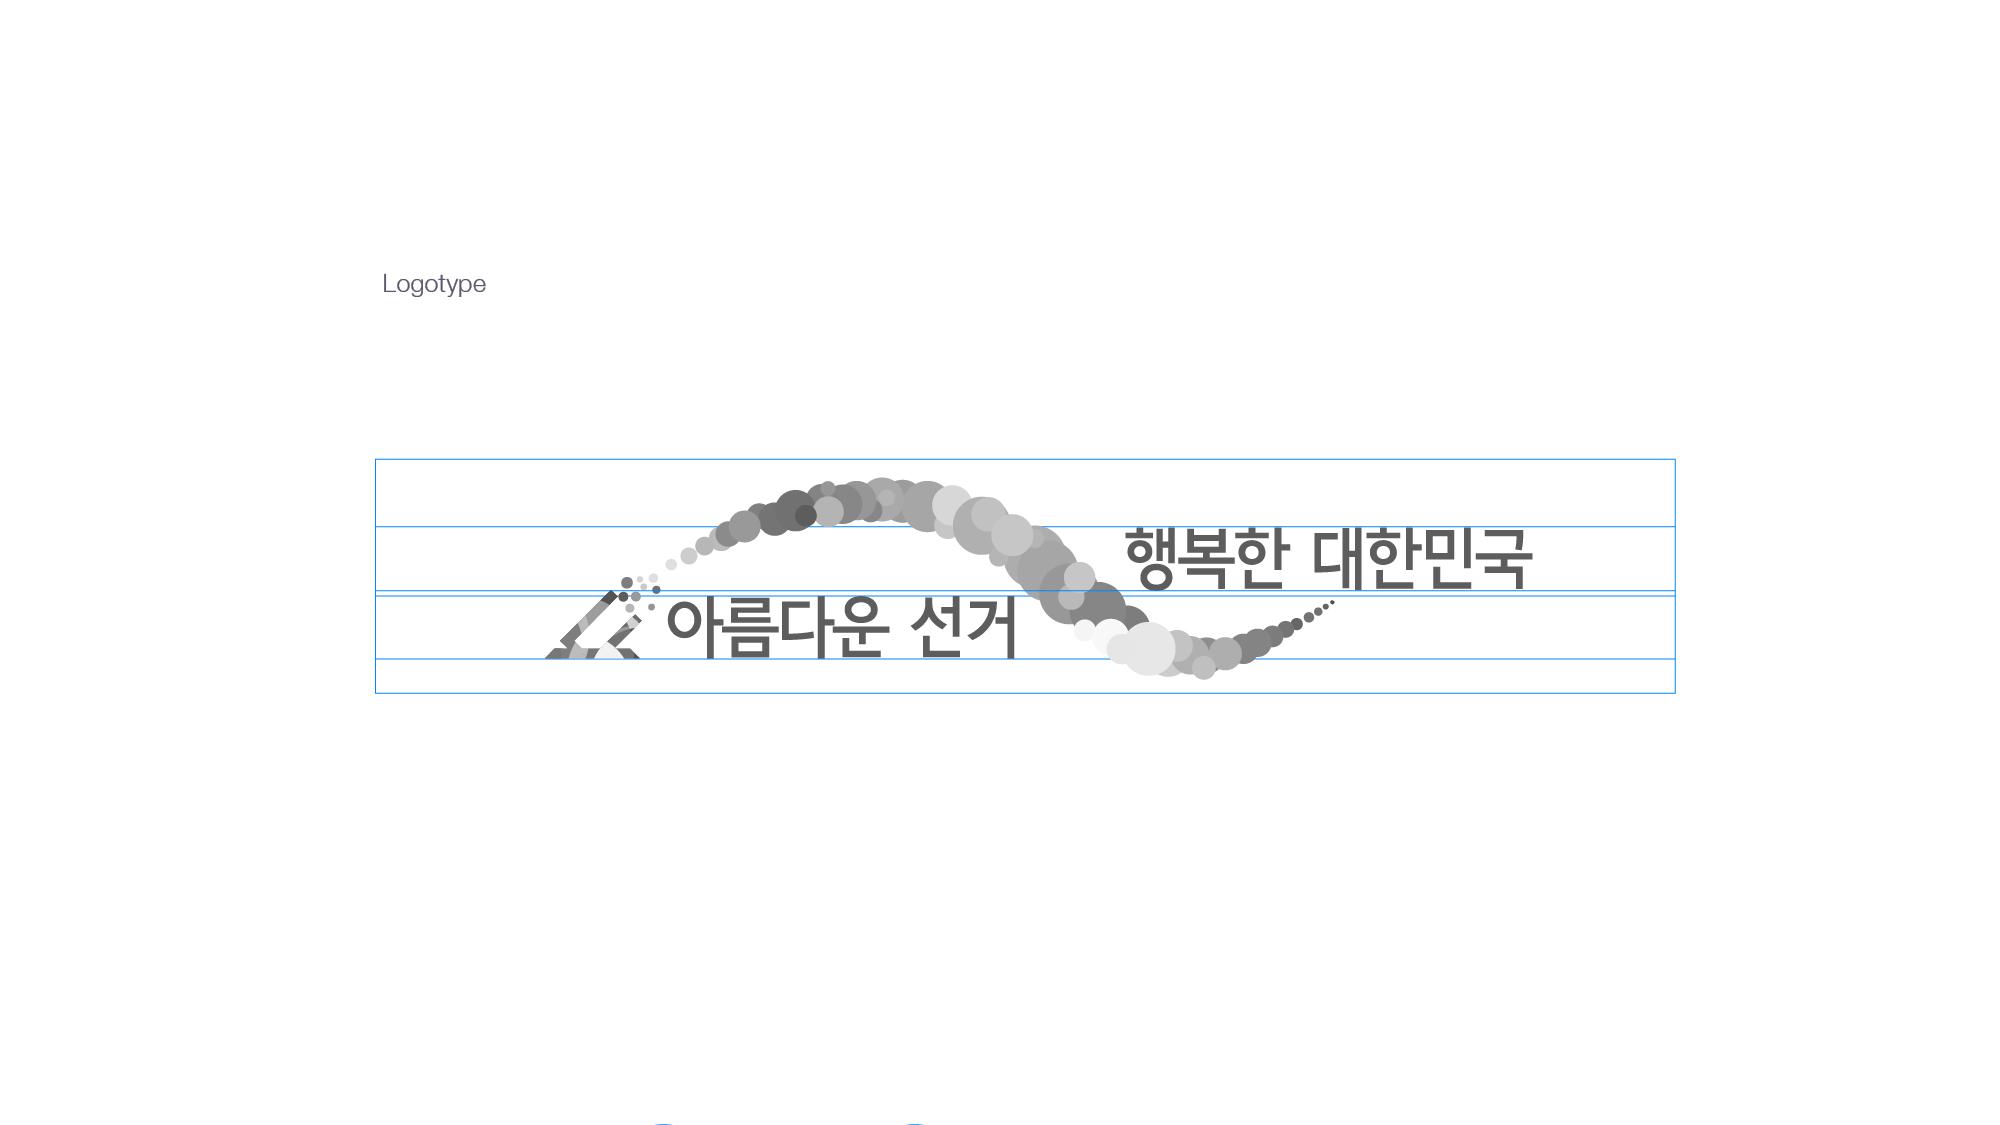 [중앙선거관리위원회]_선거슬로건_v1.3_release_20160203-06